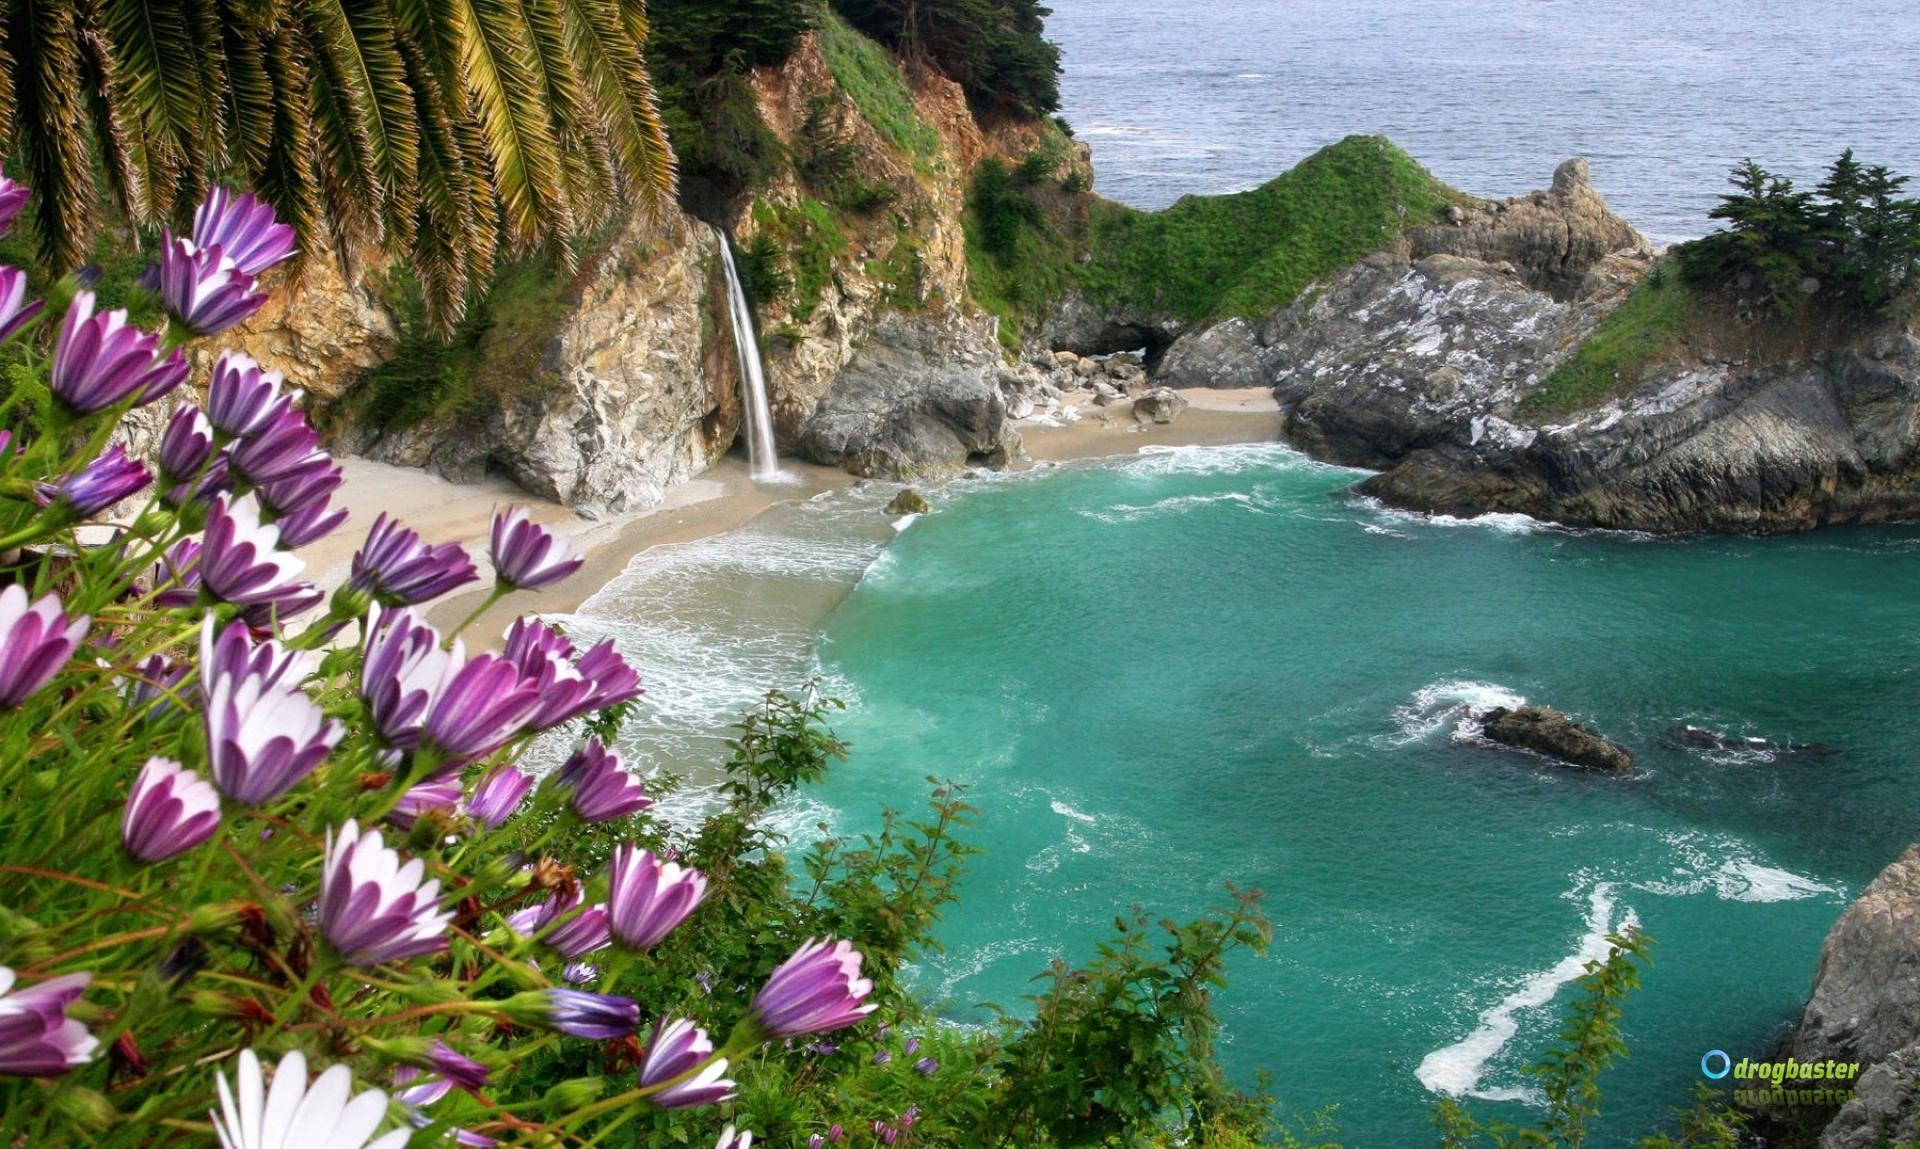 Sfondi e wallpaper gratis immagini natura for Foto per desktop mare